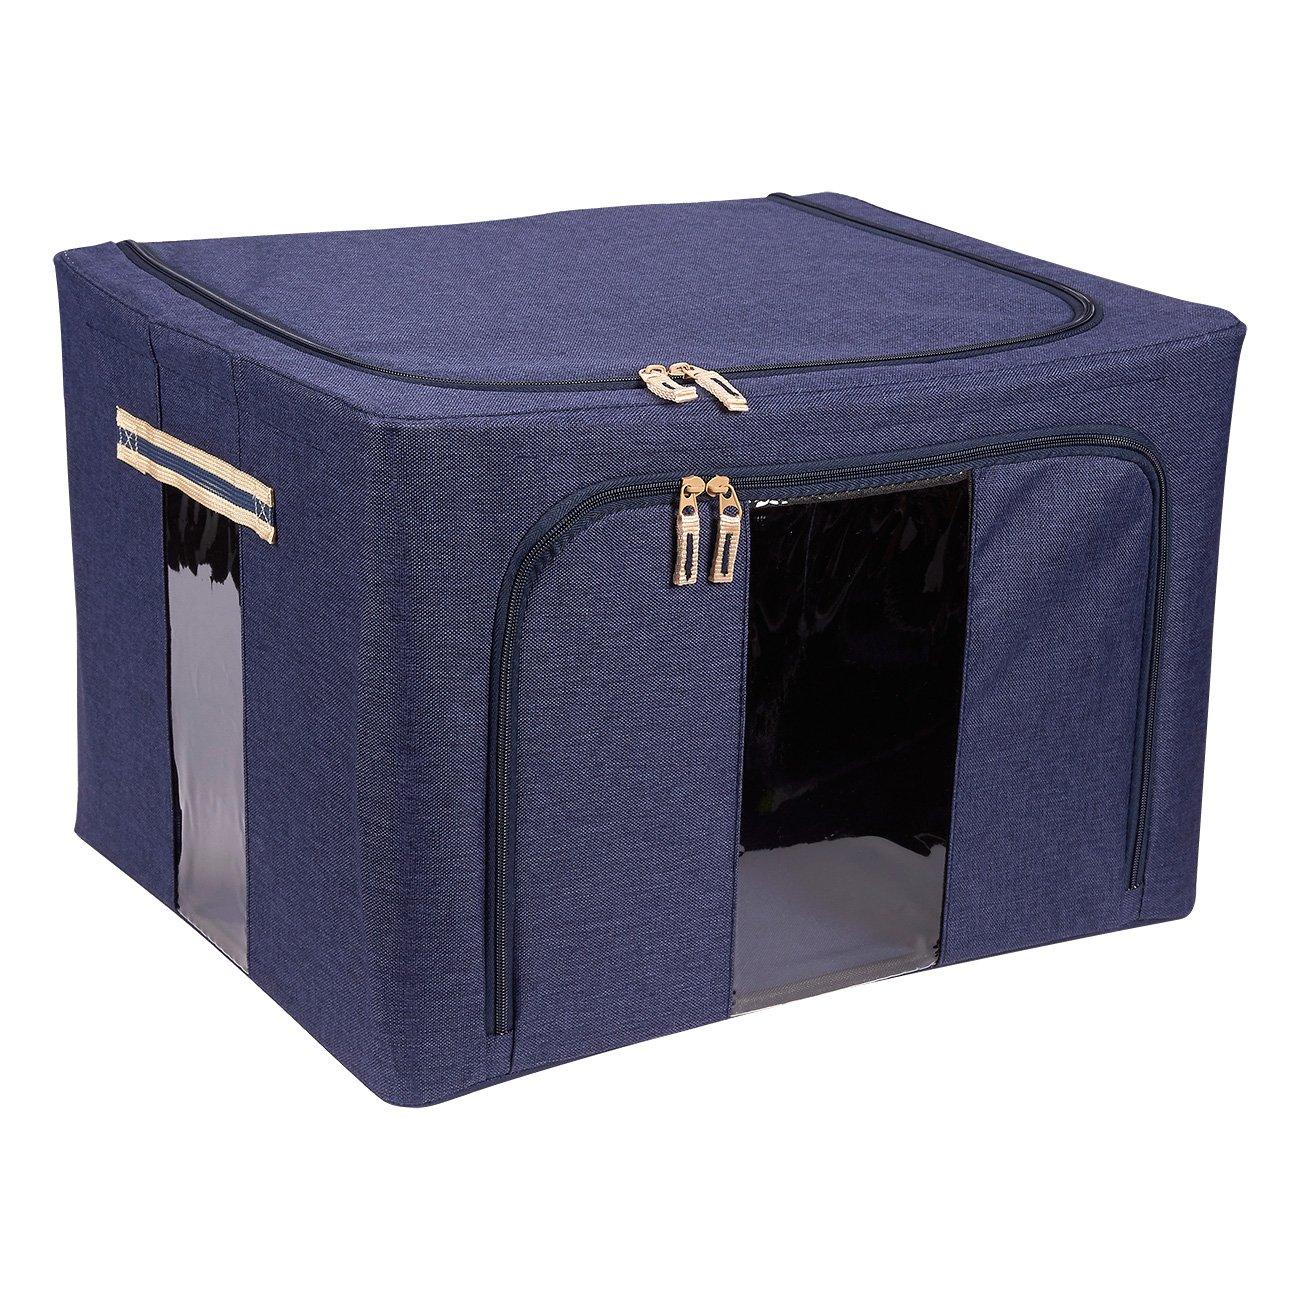 折りたたみ可能な収納箱 - 折りたたみ式積み重ね可能な収納ボックス、ハンドル付きキューブ、ダブルジッパー、クリアな窓 - 衣類、ブランケット、おもちゃ、家庭用品オーガナイザー - ネイビーブルー、19.5 x 13 x 15.5インチ。   B073QQBWKD